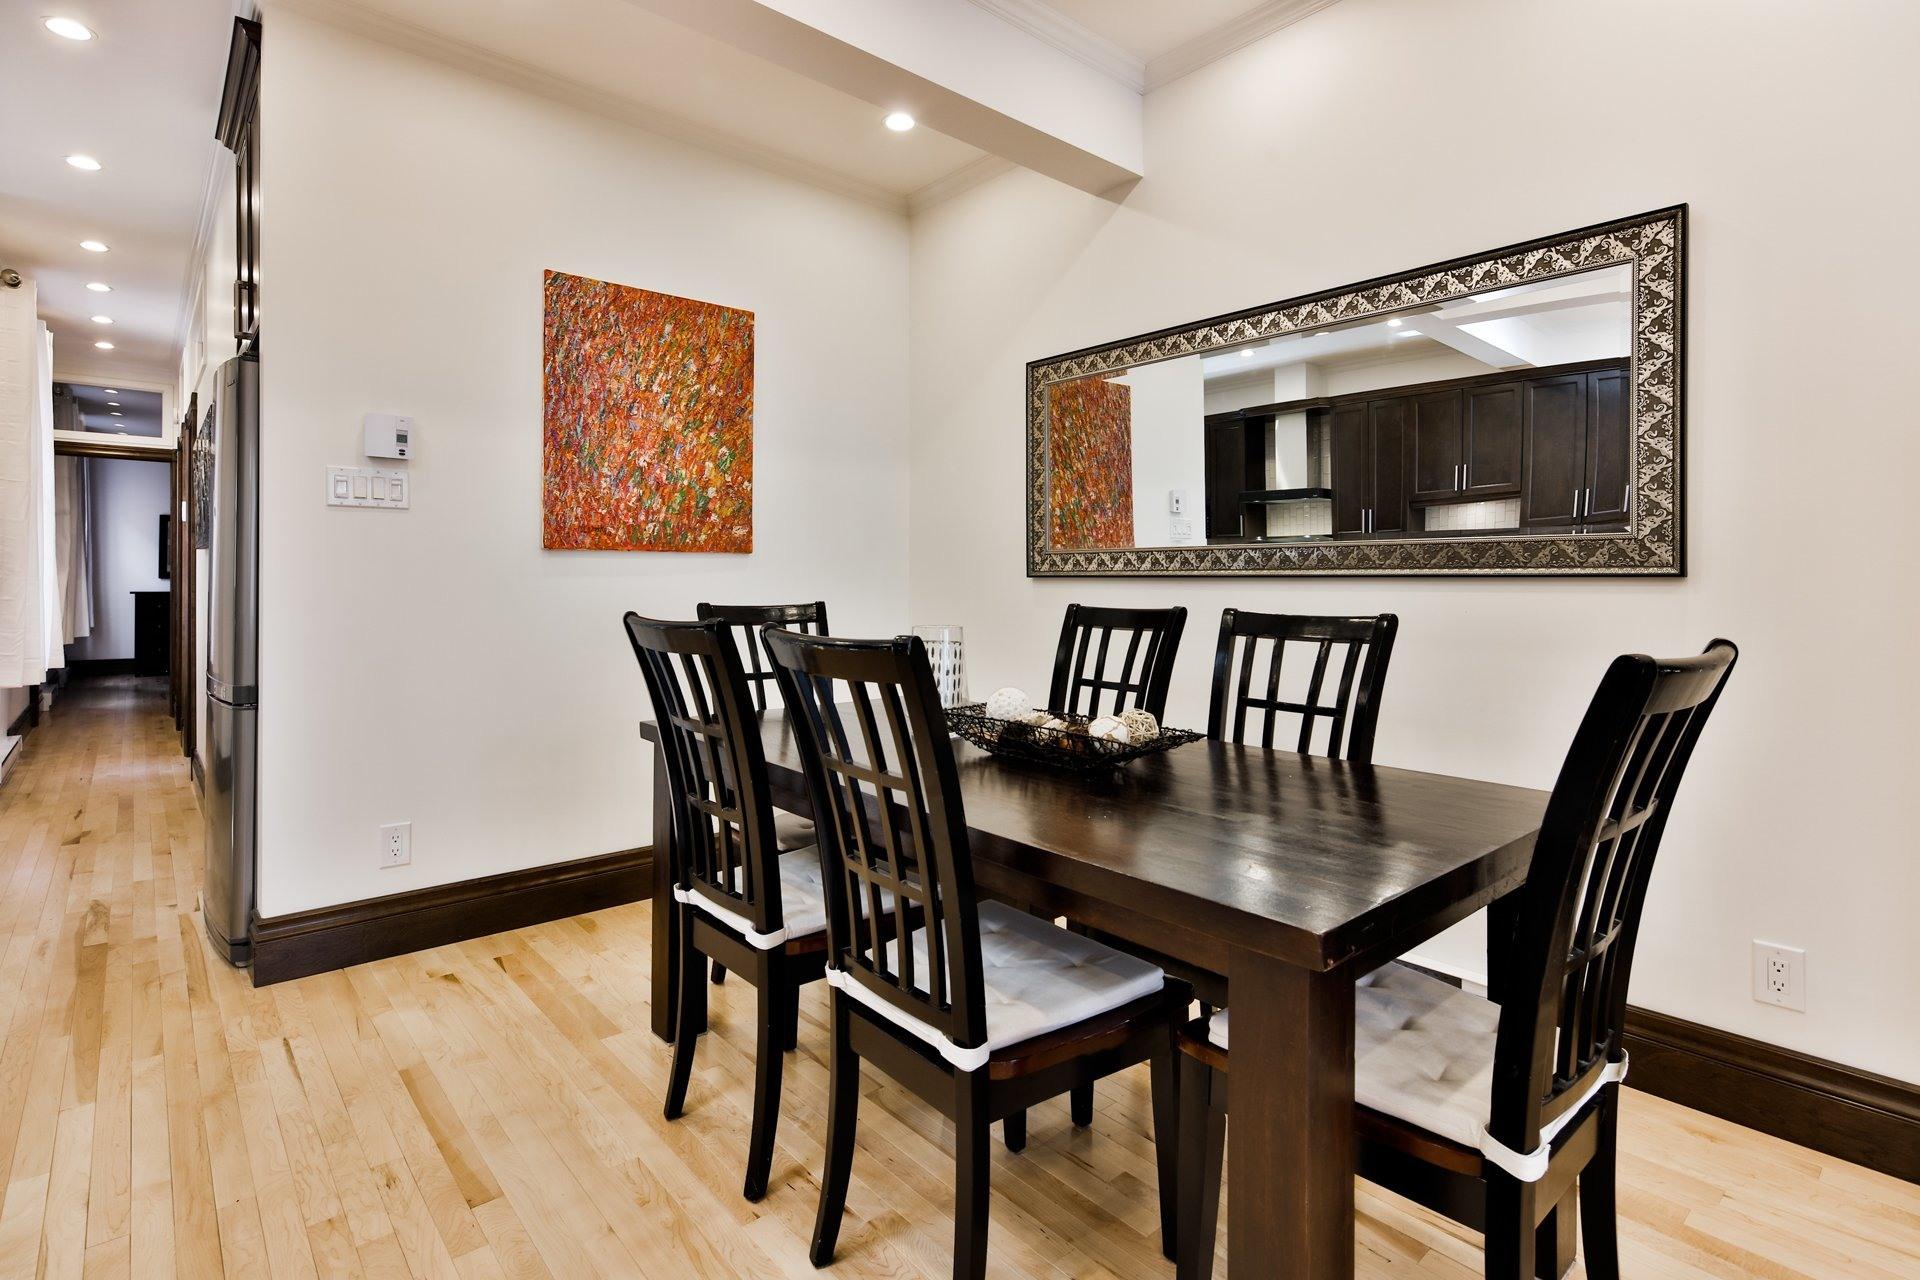 image 4 - Appartement À vendre Le Plateau-Mont-Royal Montréal  - 4 pièces